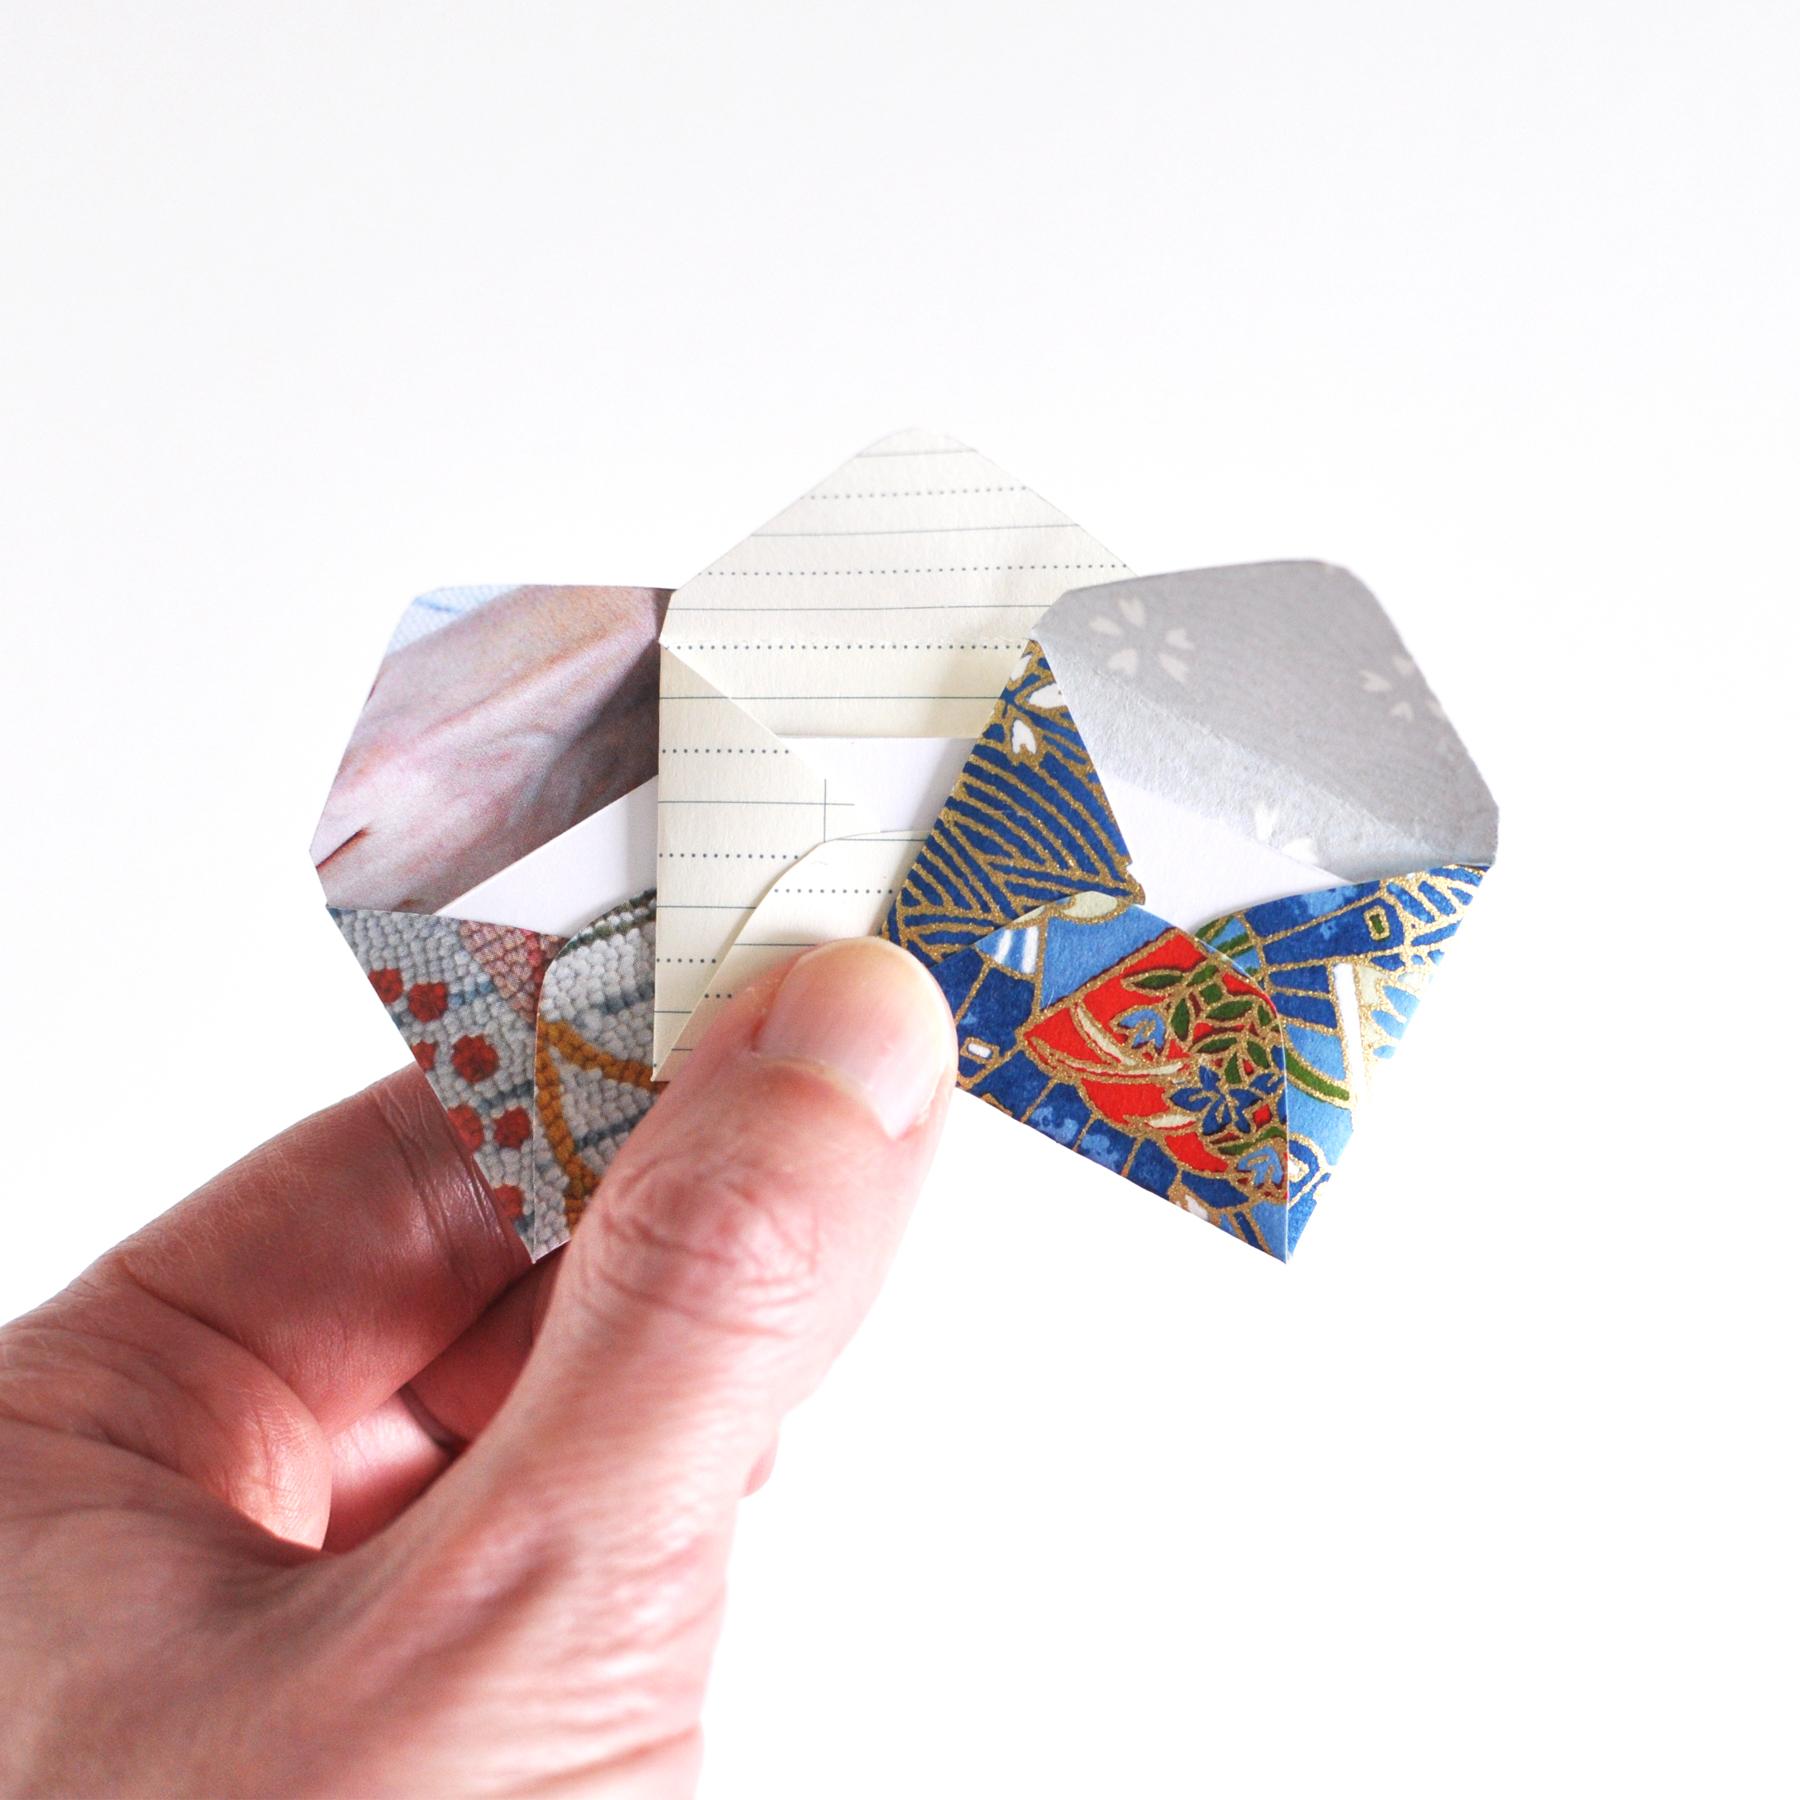 Mini-journal-and-envelopes-1e.jpg